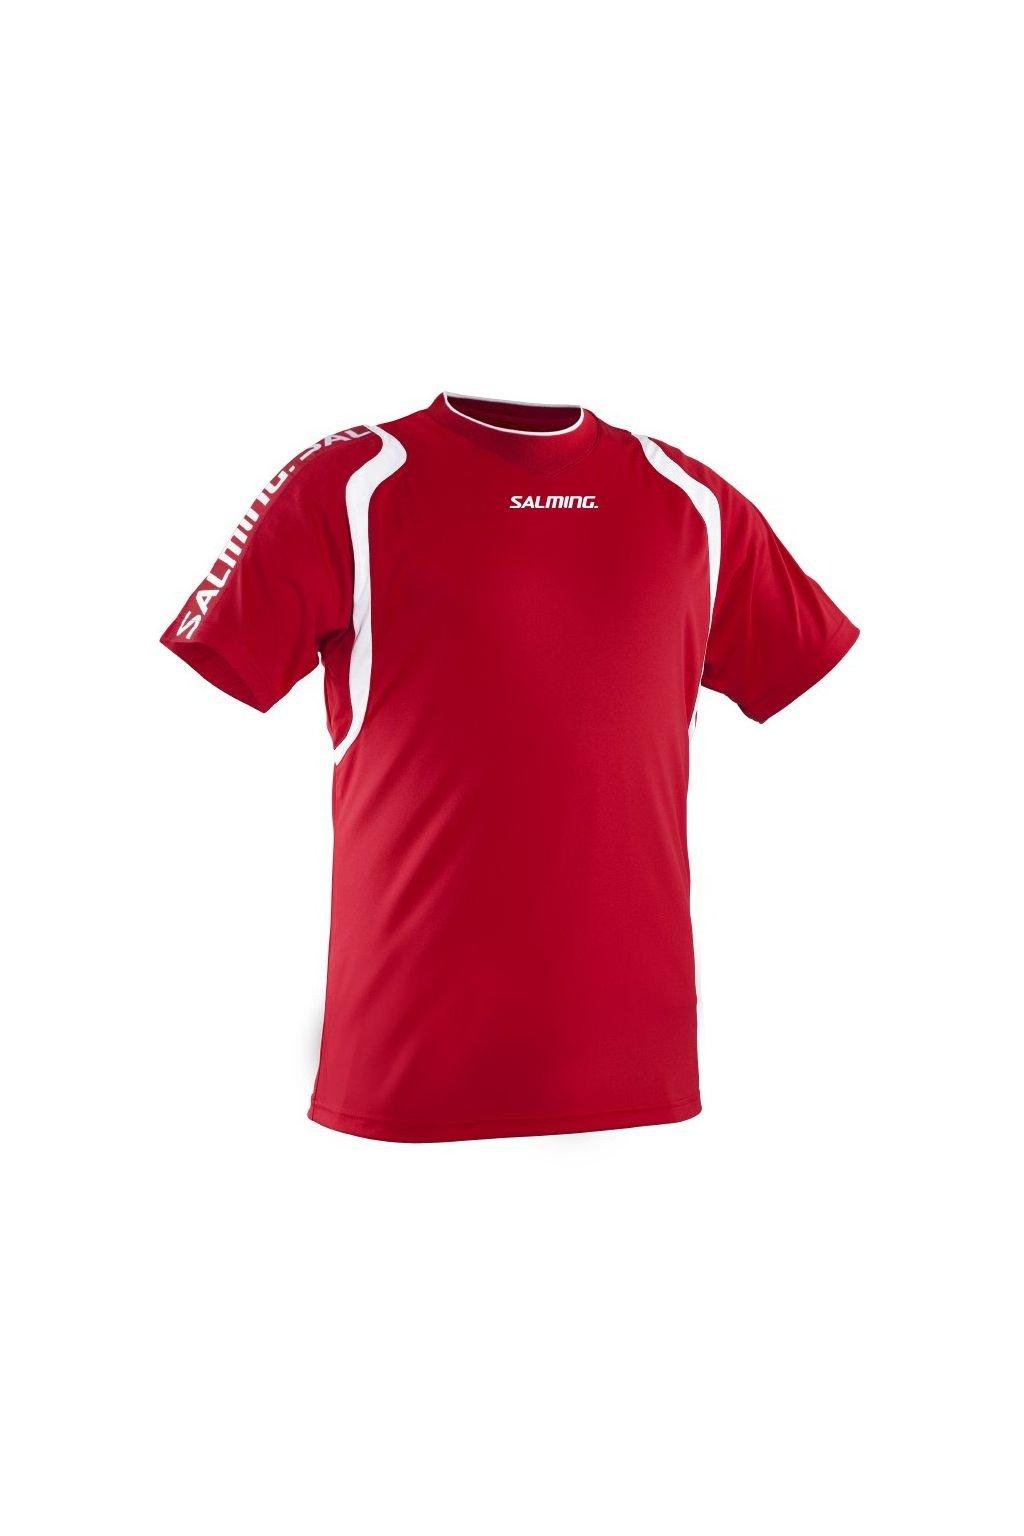 salming rex jersey (3)